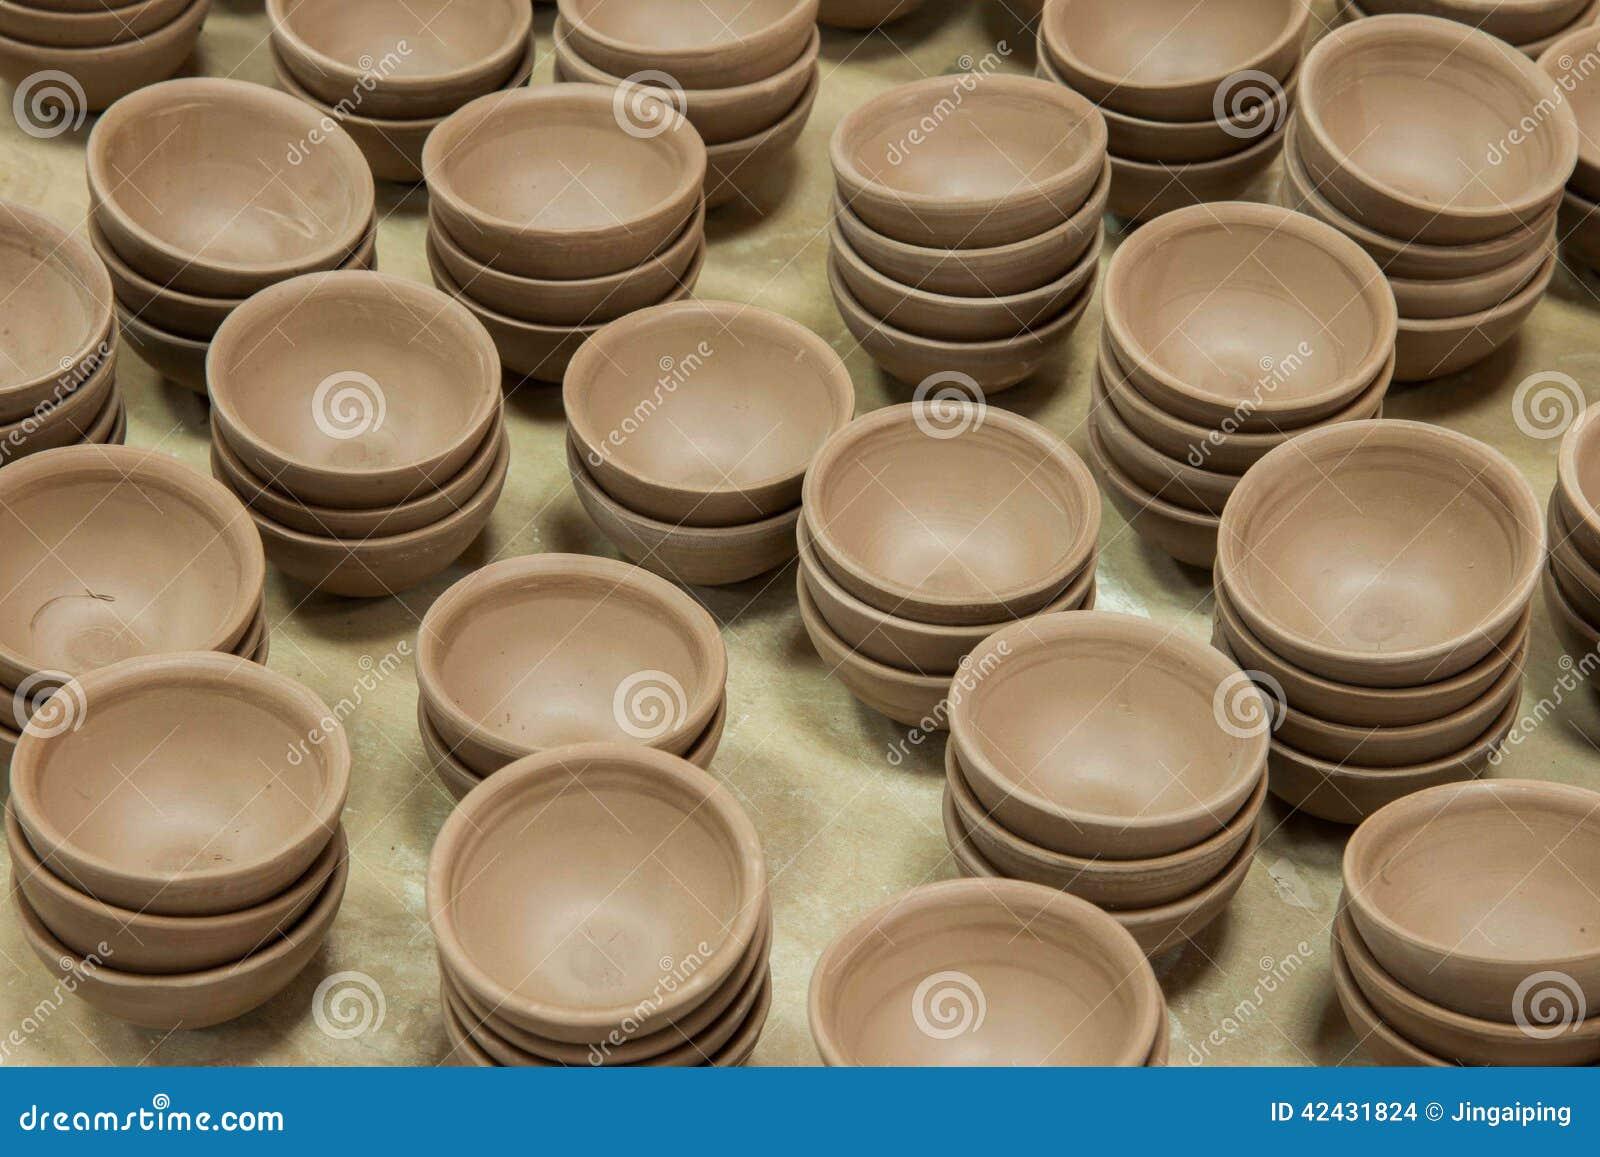 Un espacio en blanco de Rongchang Tao del museo de la cerámica del estudio de la cerámica de Chongqing Rongchang